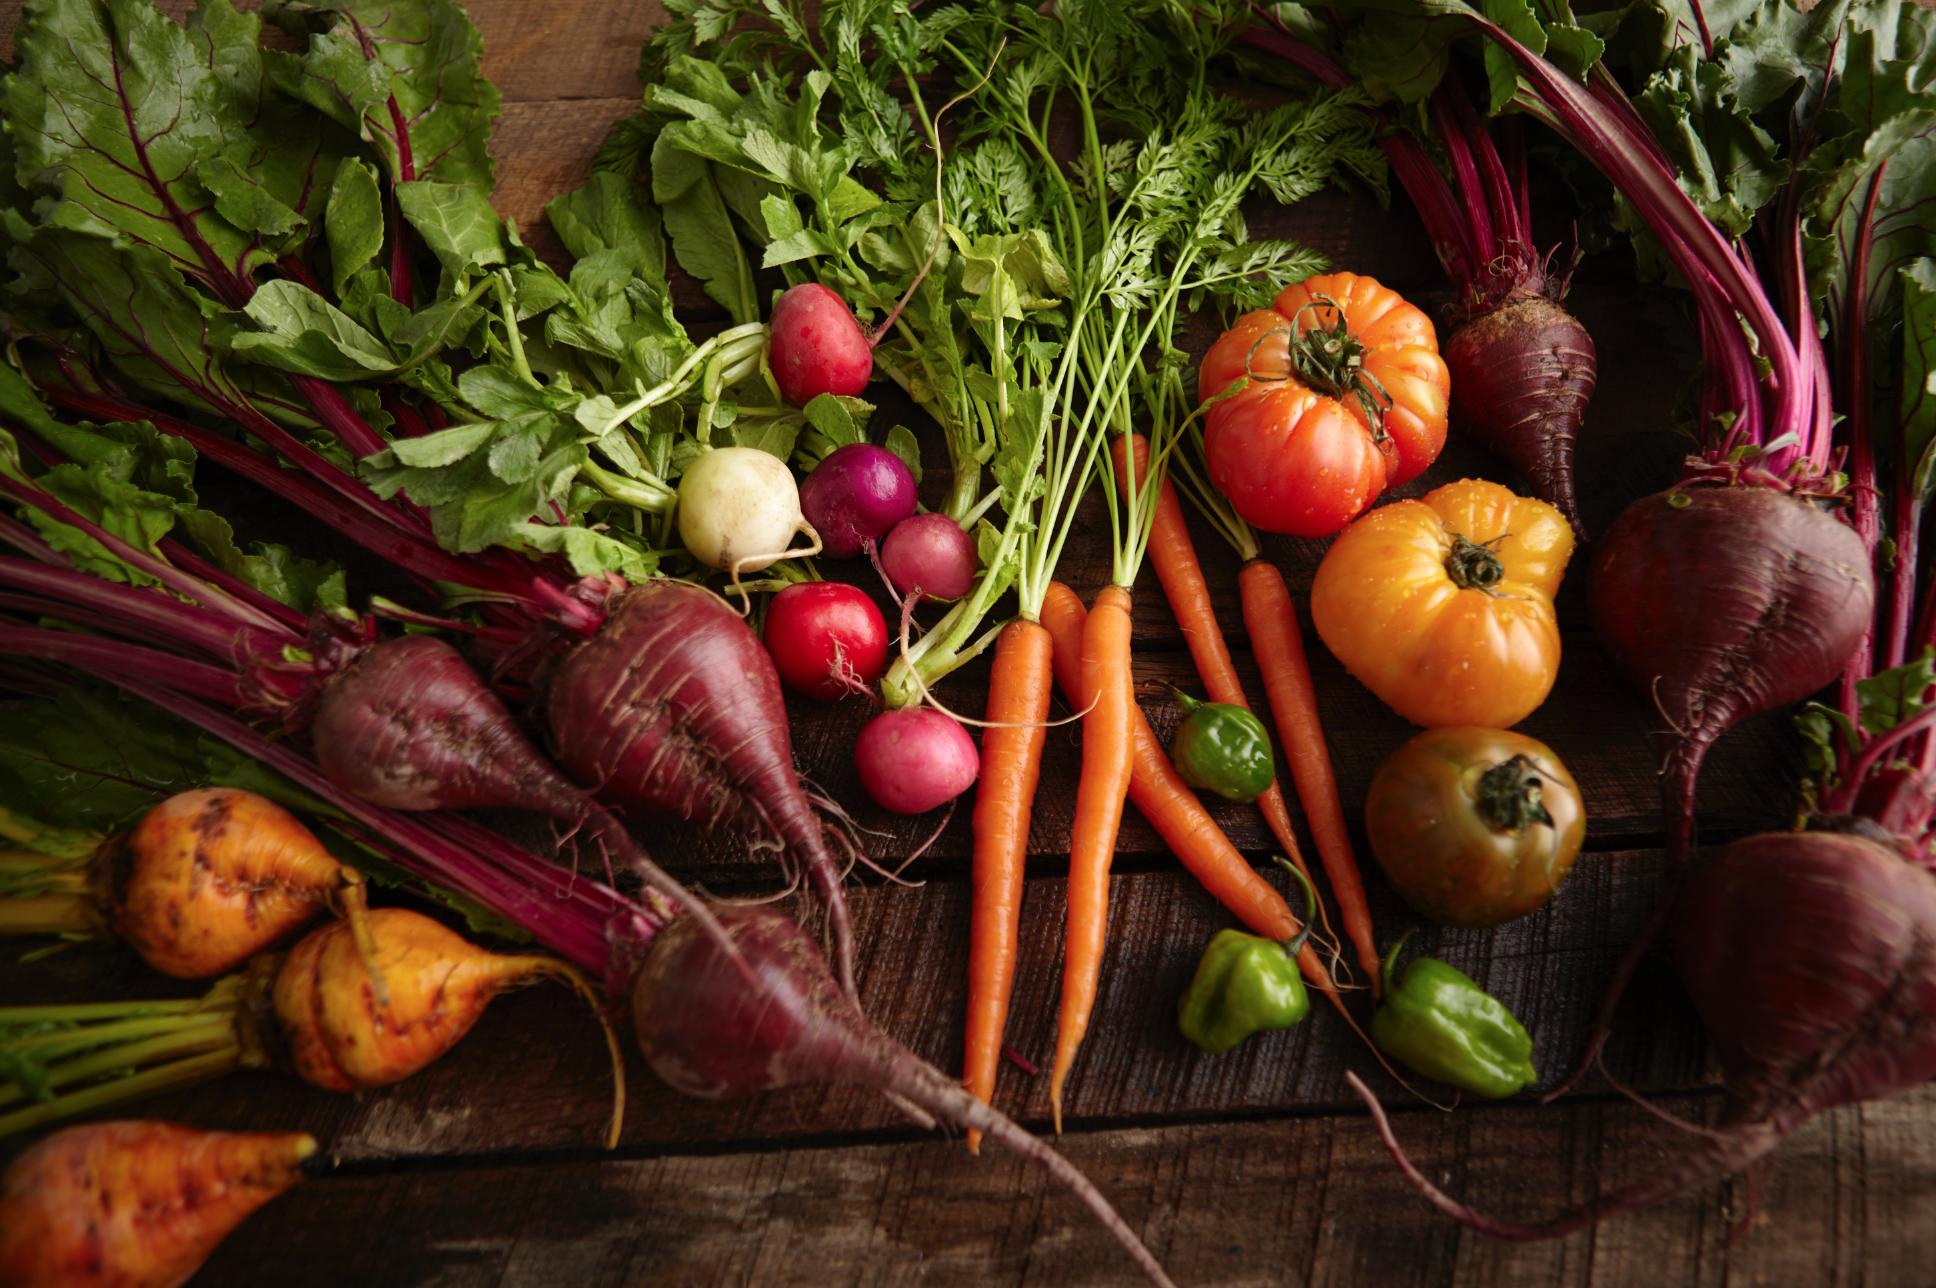 veggies fresh